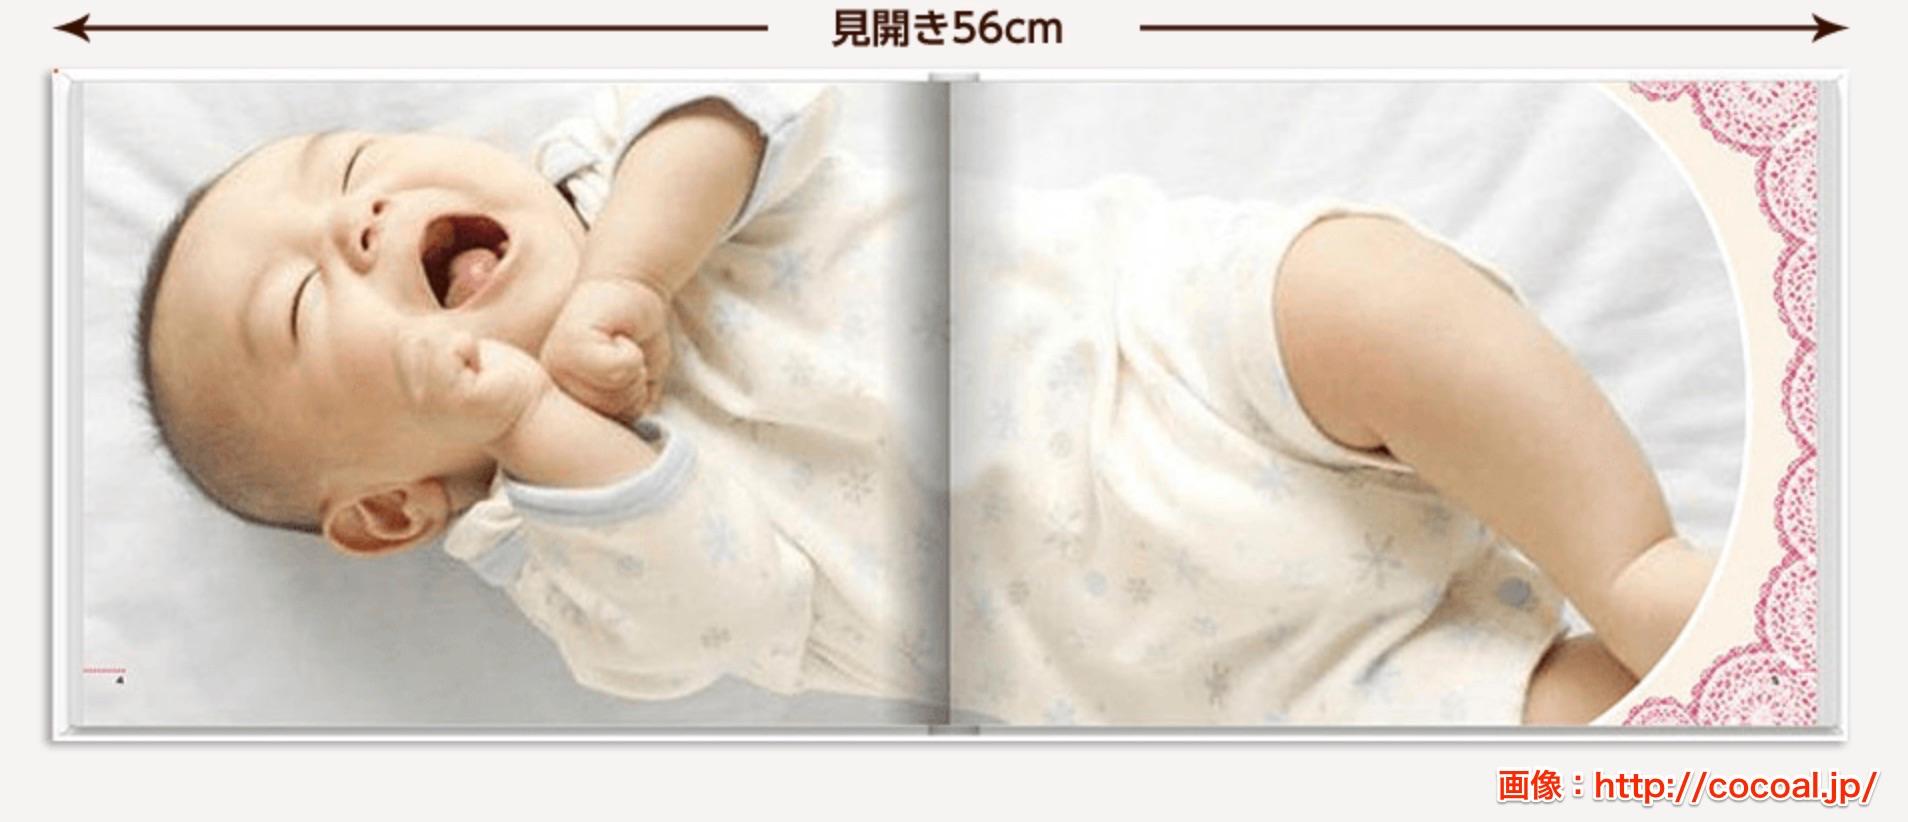 赤ちゃん 全身 写真